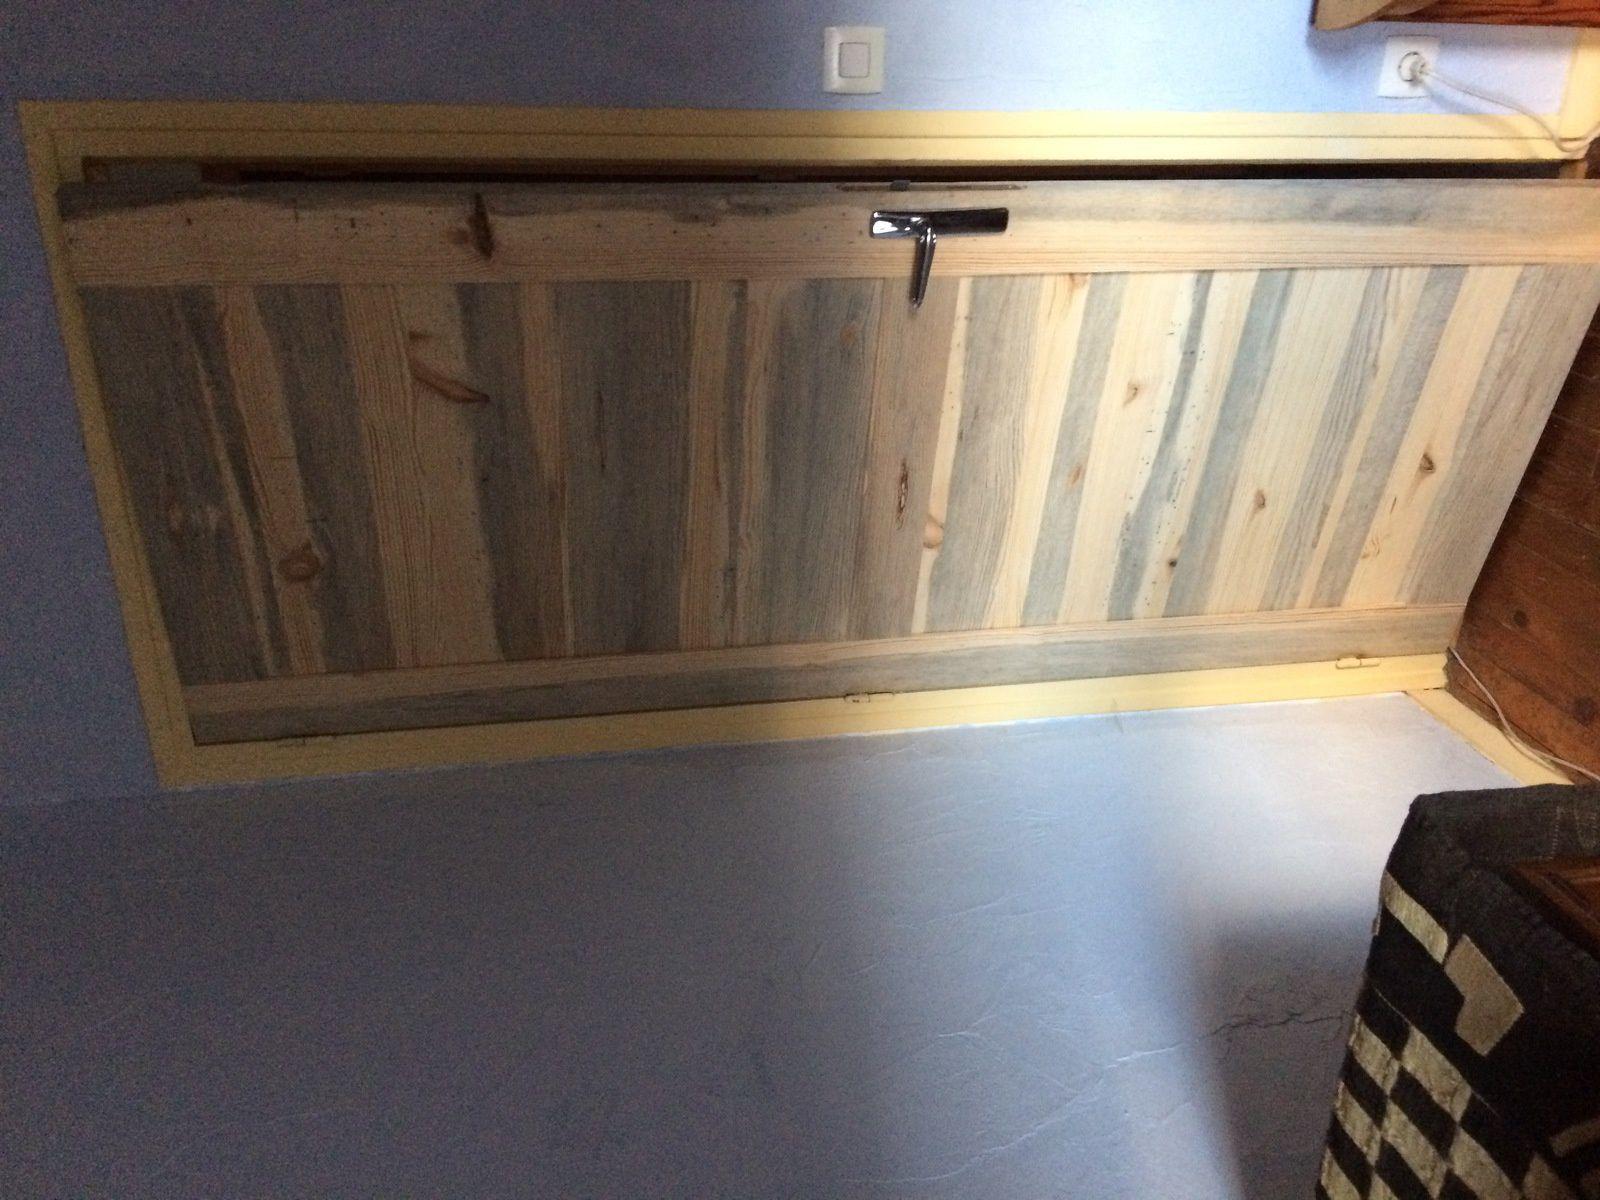 Portes sur mesure, portes en pin maritime, lau bois créations, portes sur batis existant